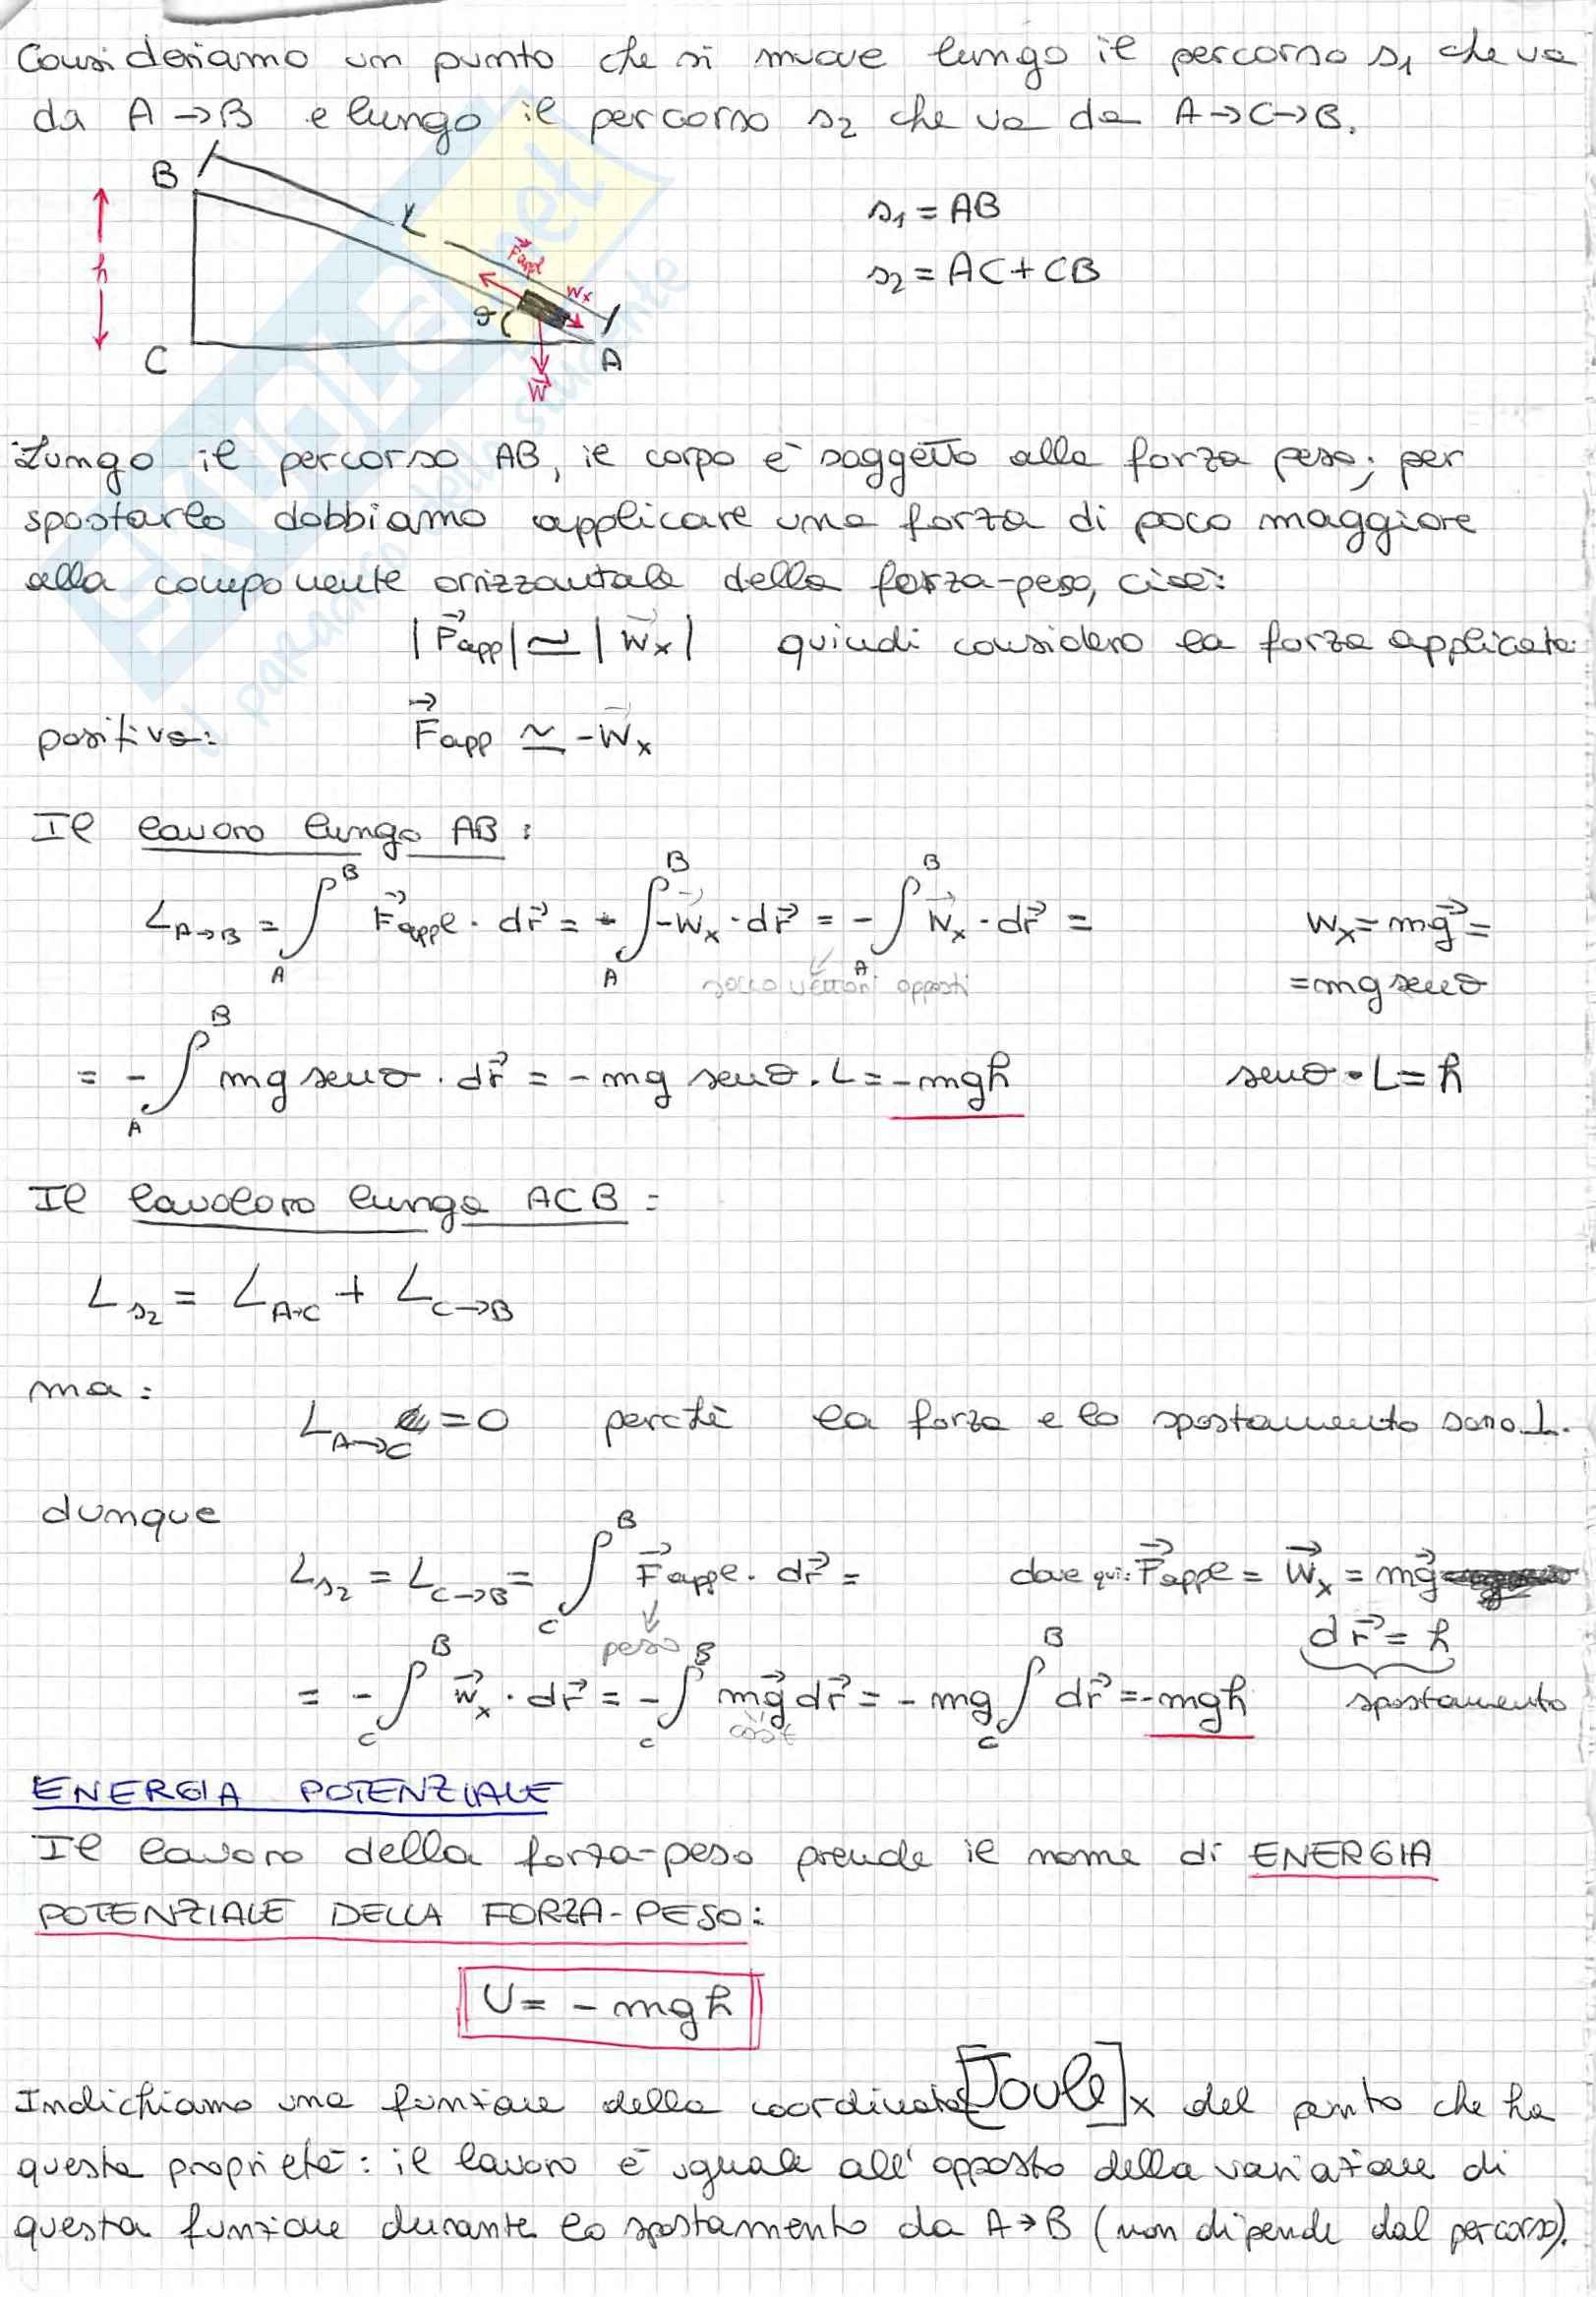 Appunti di Fisica Generale, Prof. Spitaleri, completo Pag. 41